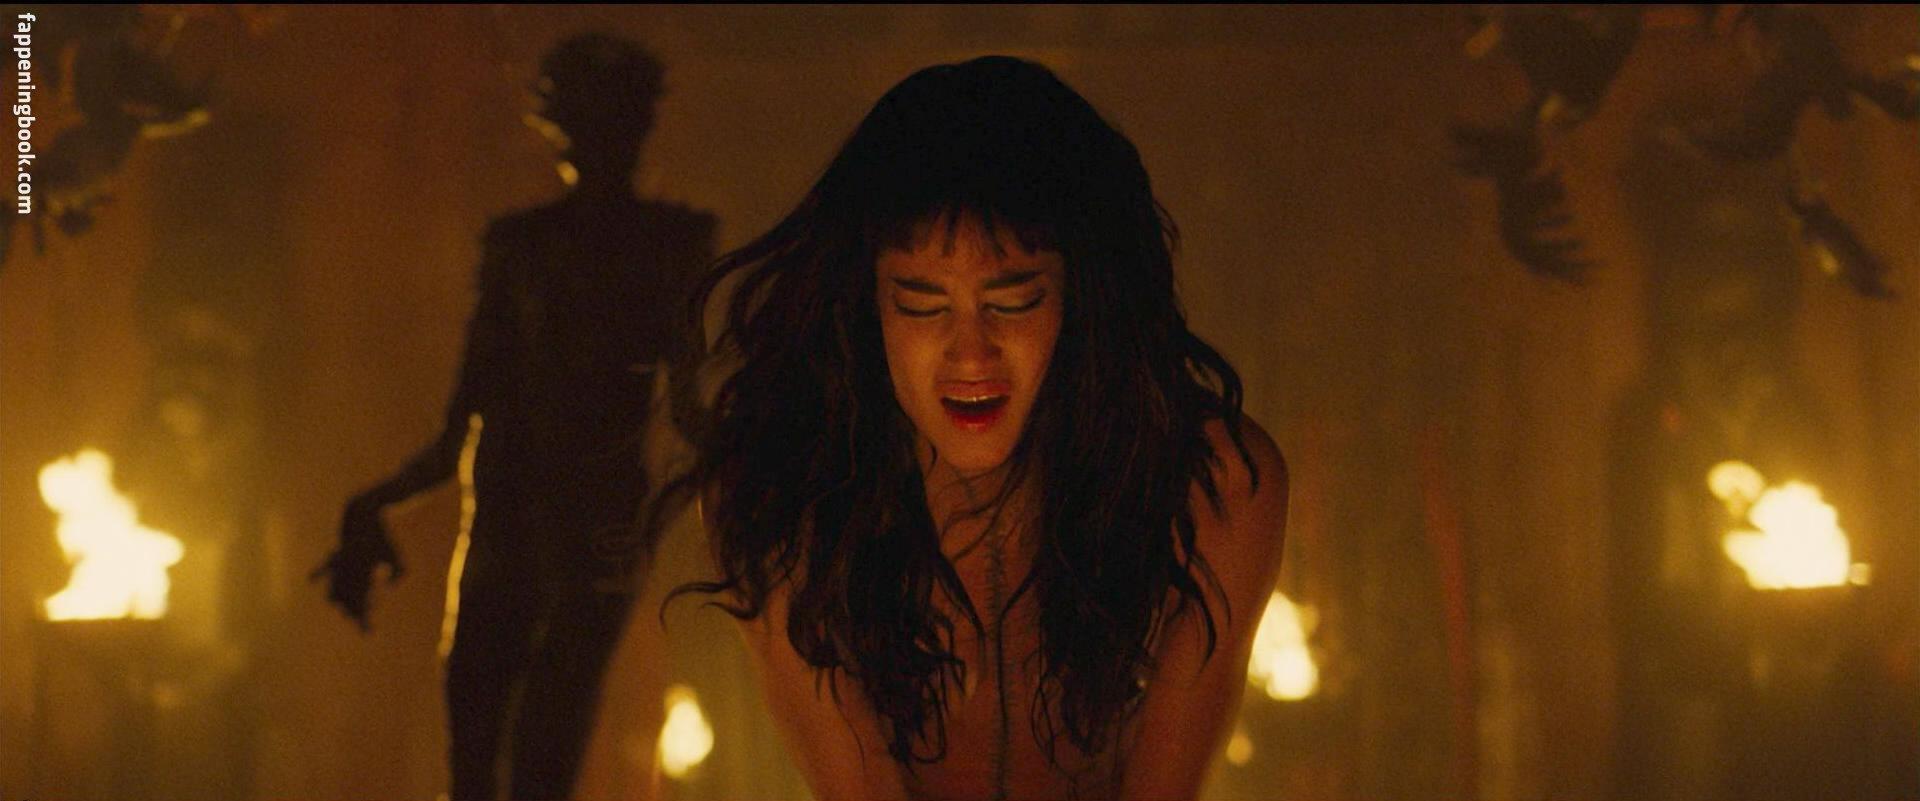 Sofia boutella naked